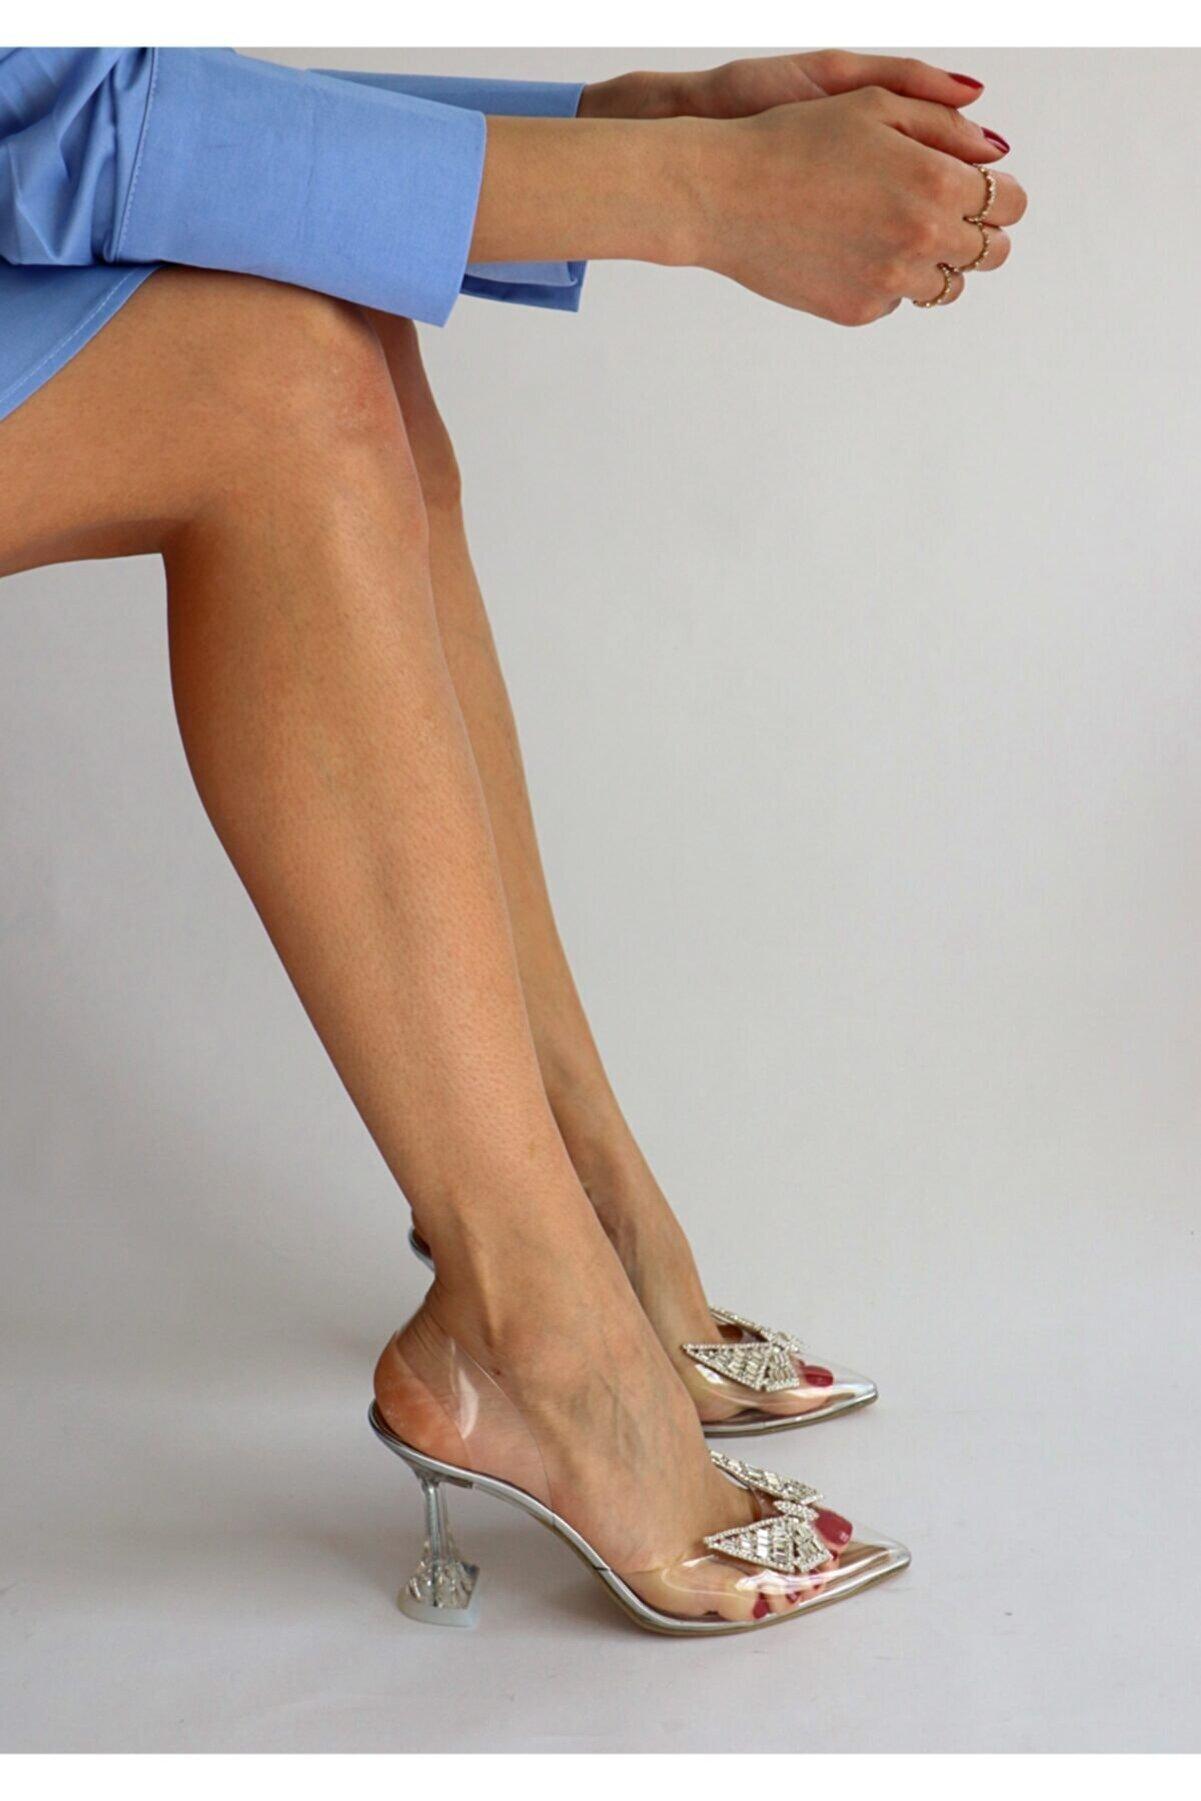 Burhan Atan Şeffaf Stiletto Kelebek Taş Detaylı